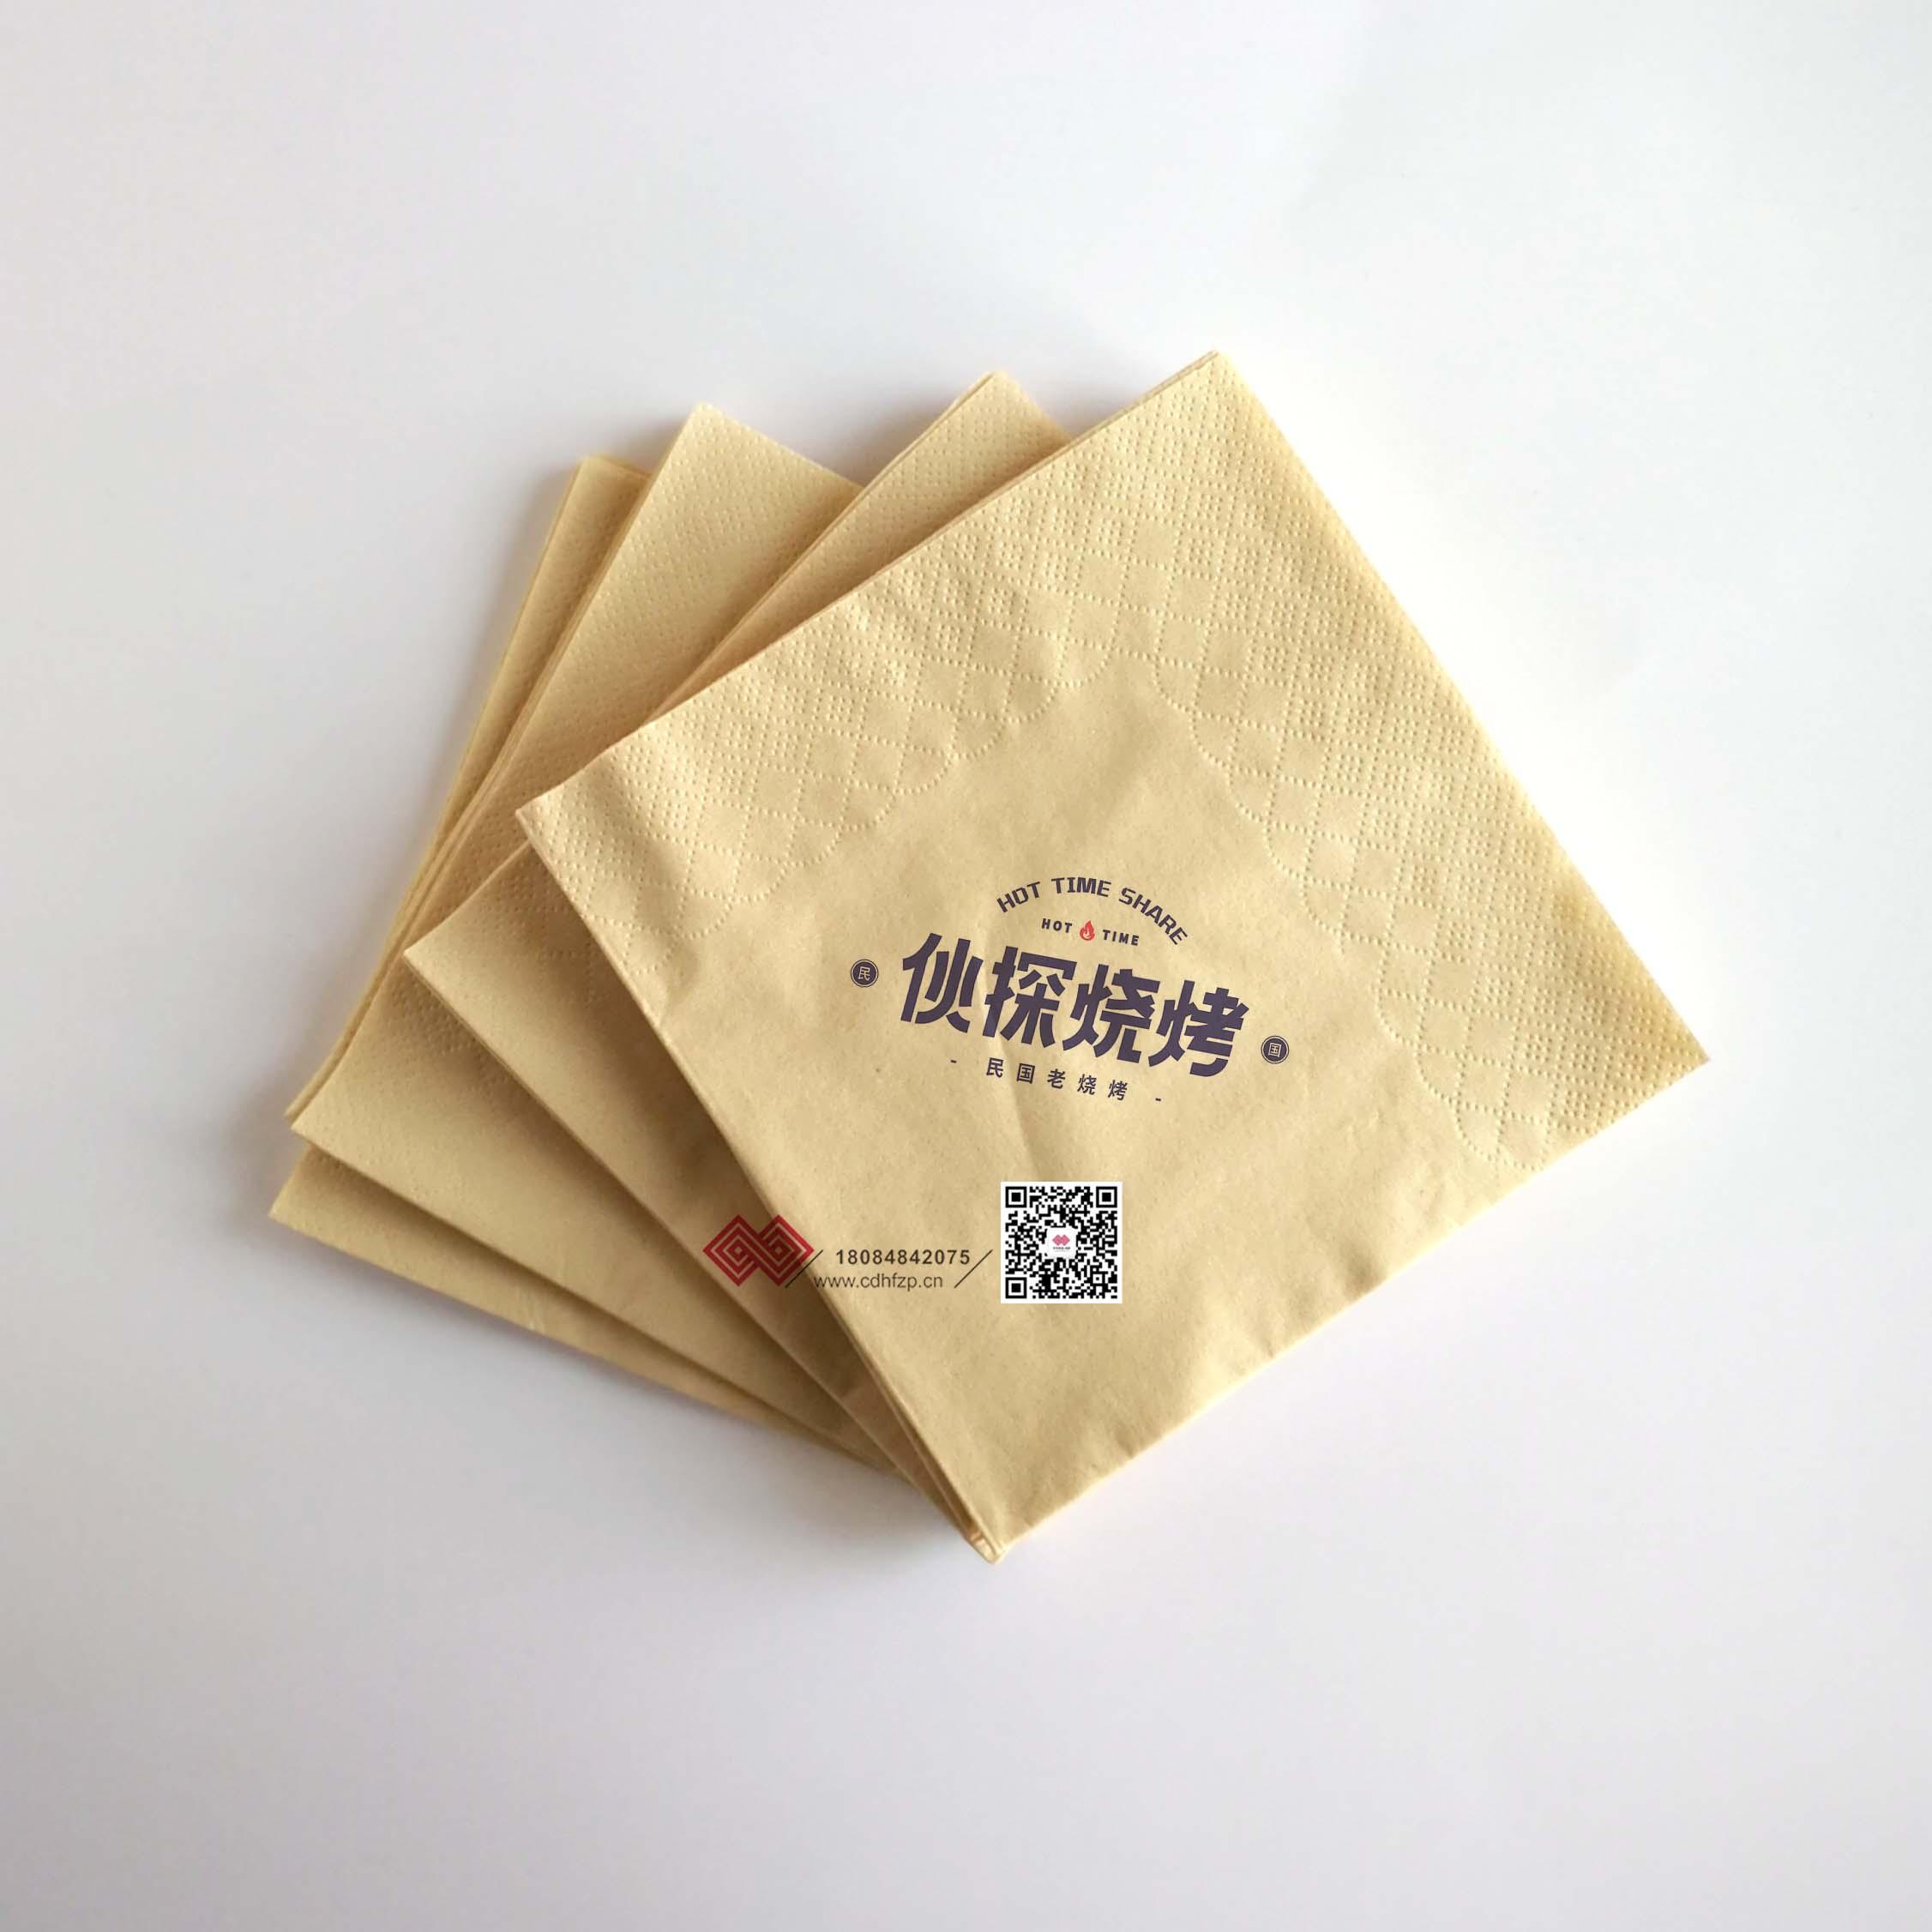 成都华丰纸品-餐巾纸印刷-餐饮外卖定制专属纸巾【源头厂家】